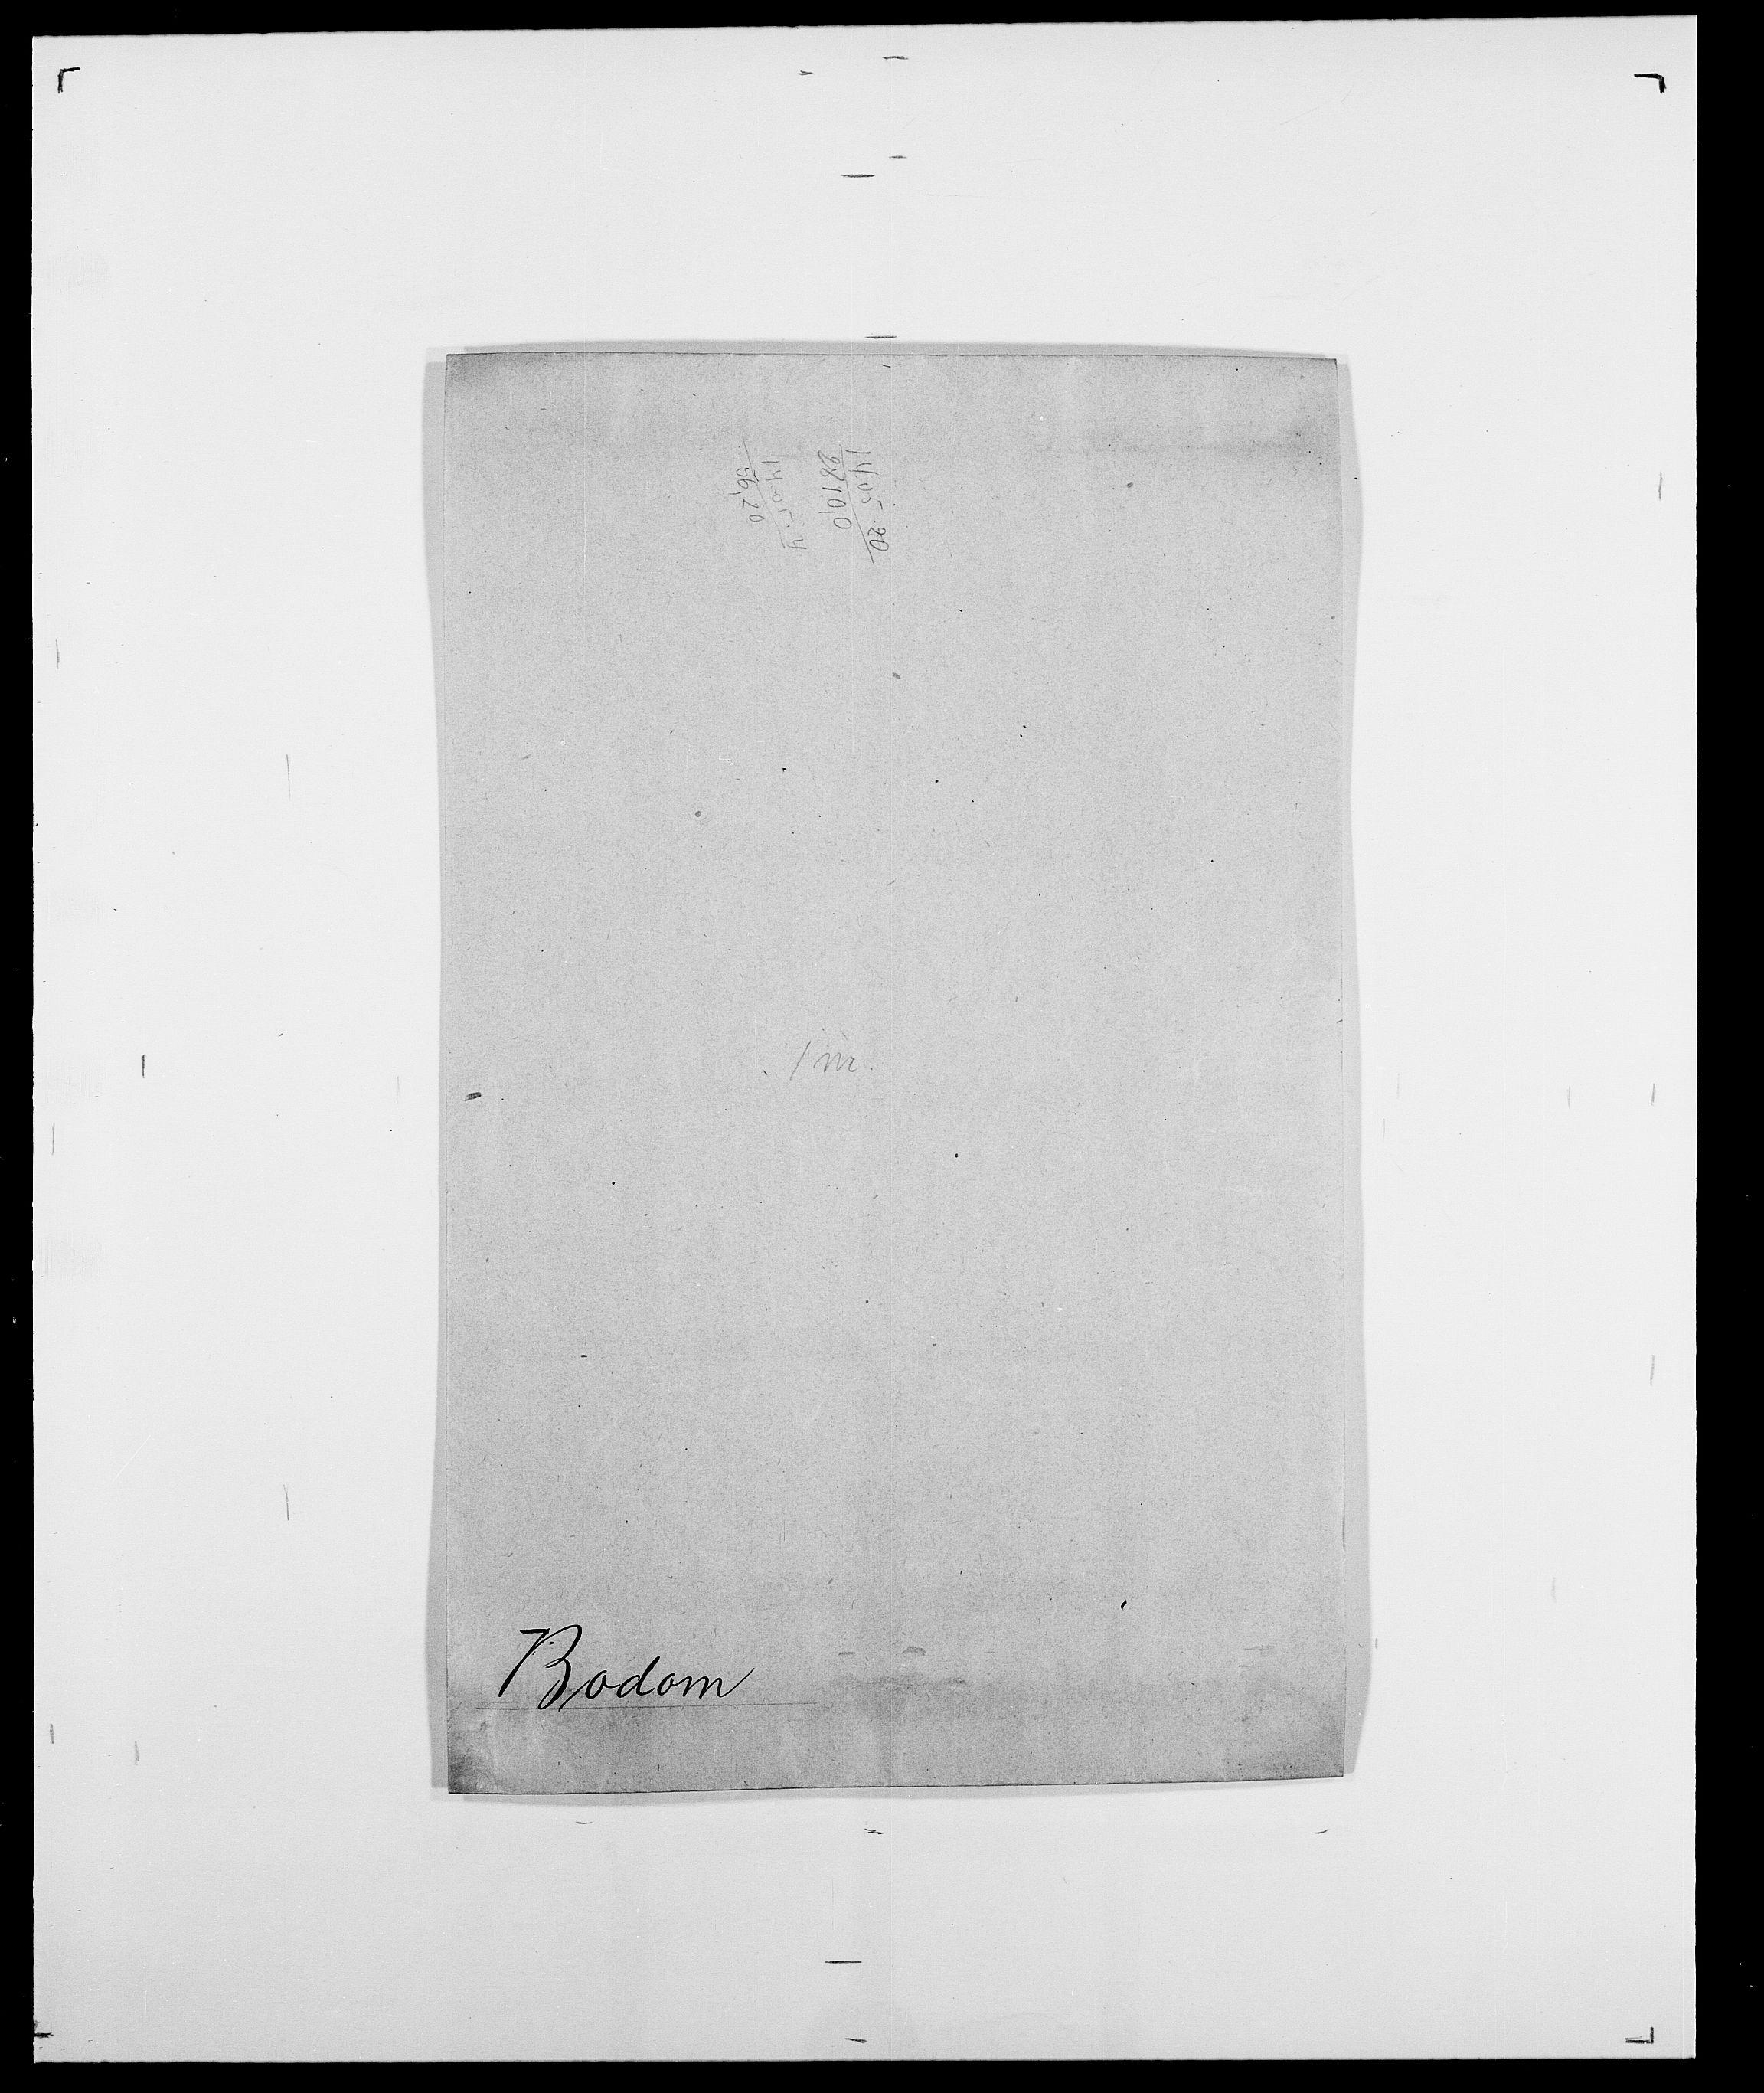 SAO, Delgobe, Charles Antoine - samling, D/Da/L0005: Boalth - Brahm, s. 32